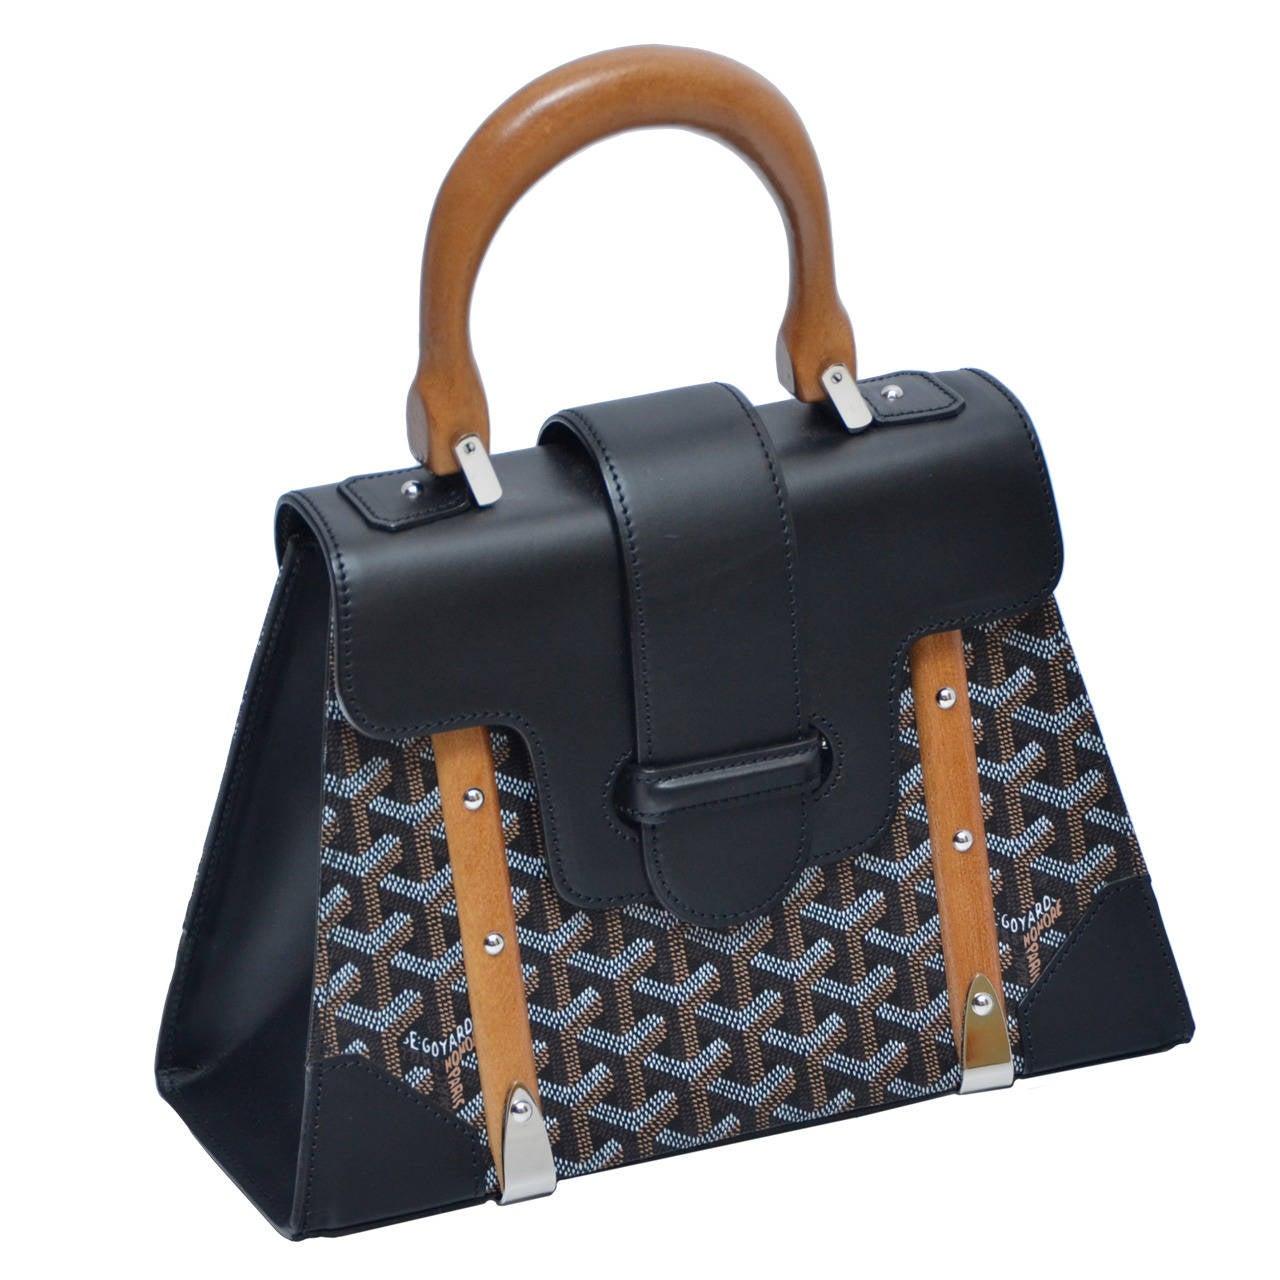 GOYARD Saigon Handbag As Seen On Kim K. And Nicky Hilton ...